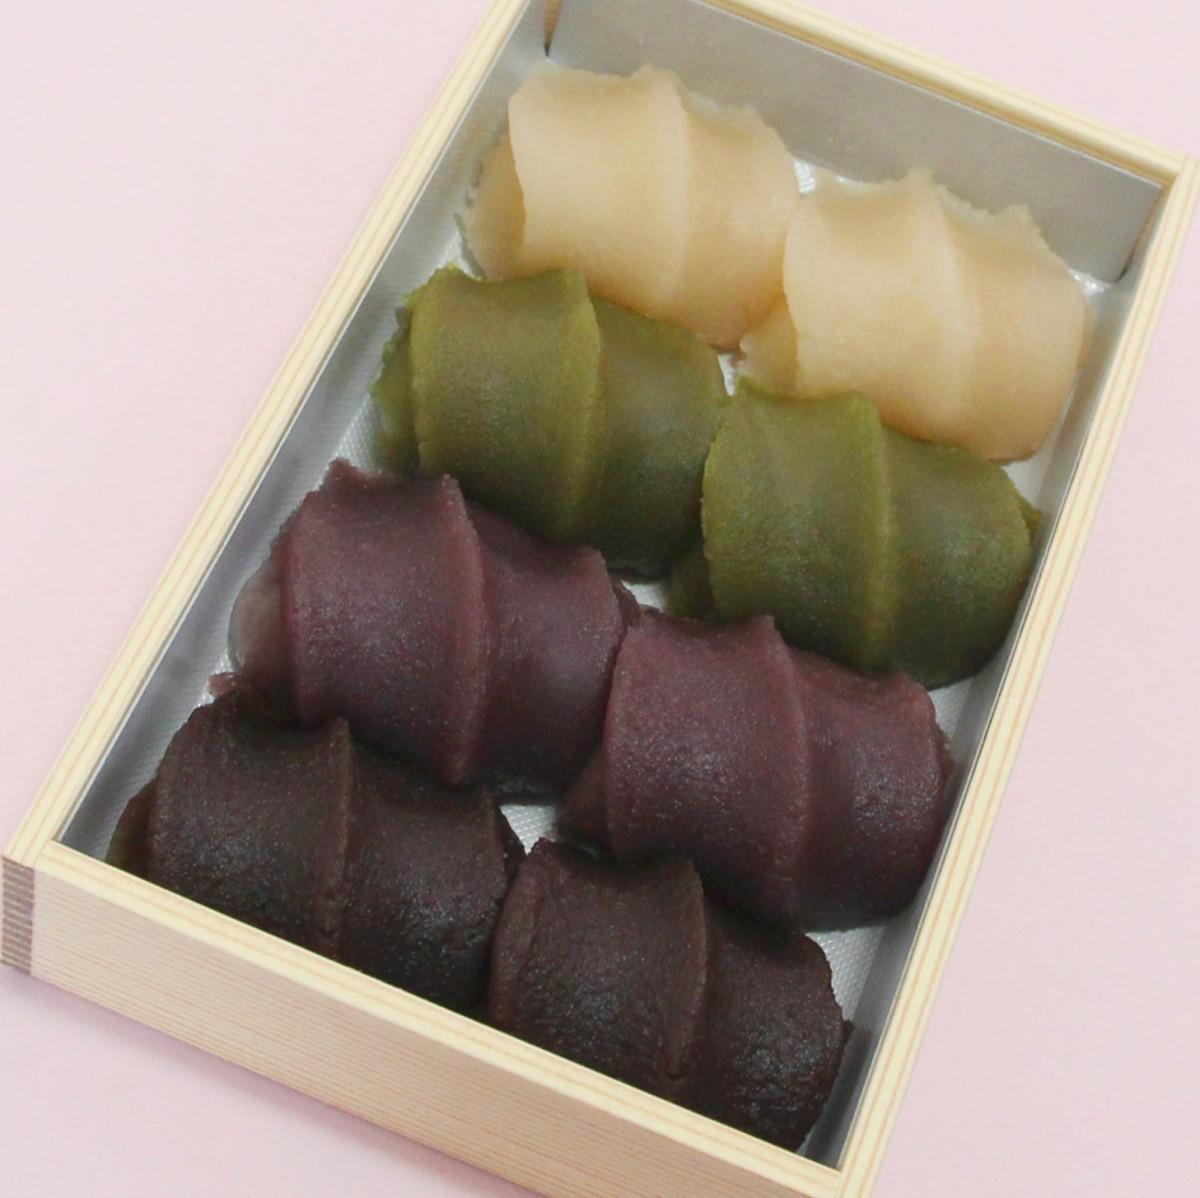 「4色の赤福餅」7月15日から販売へ 菓子博限定販売の「白い赤福」話題受け商品化(写真提供=赤福)